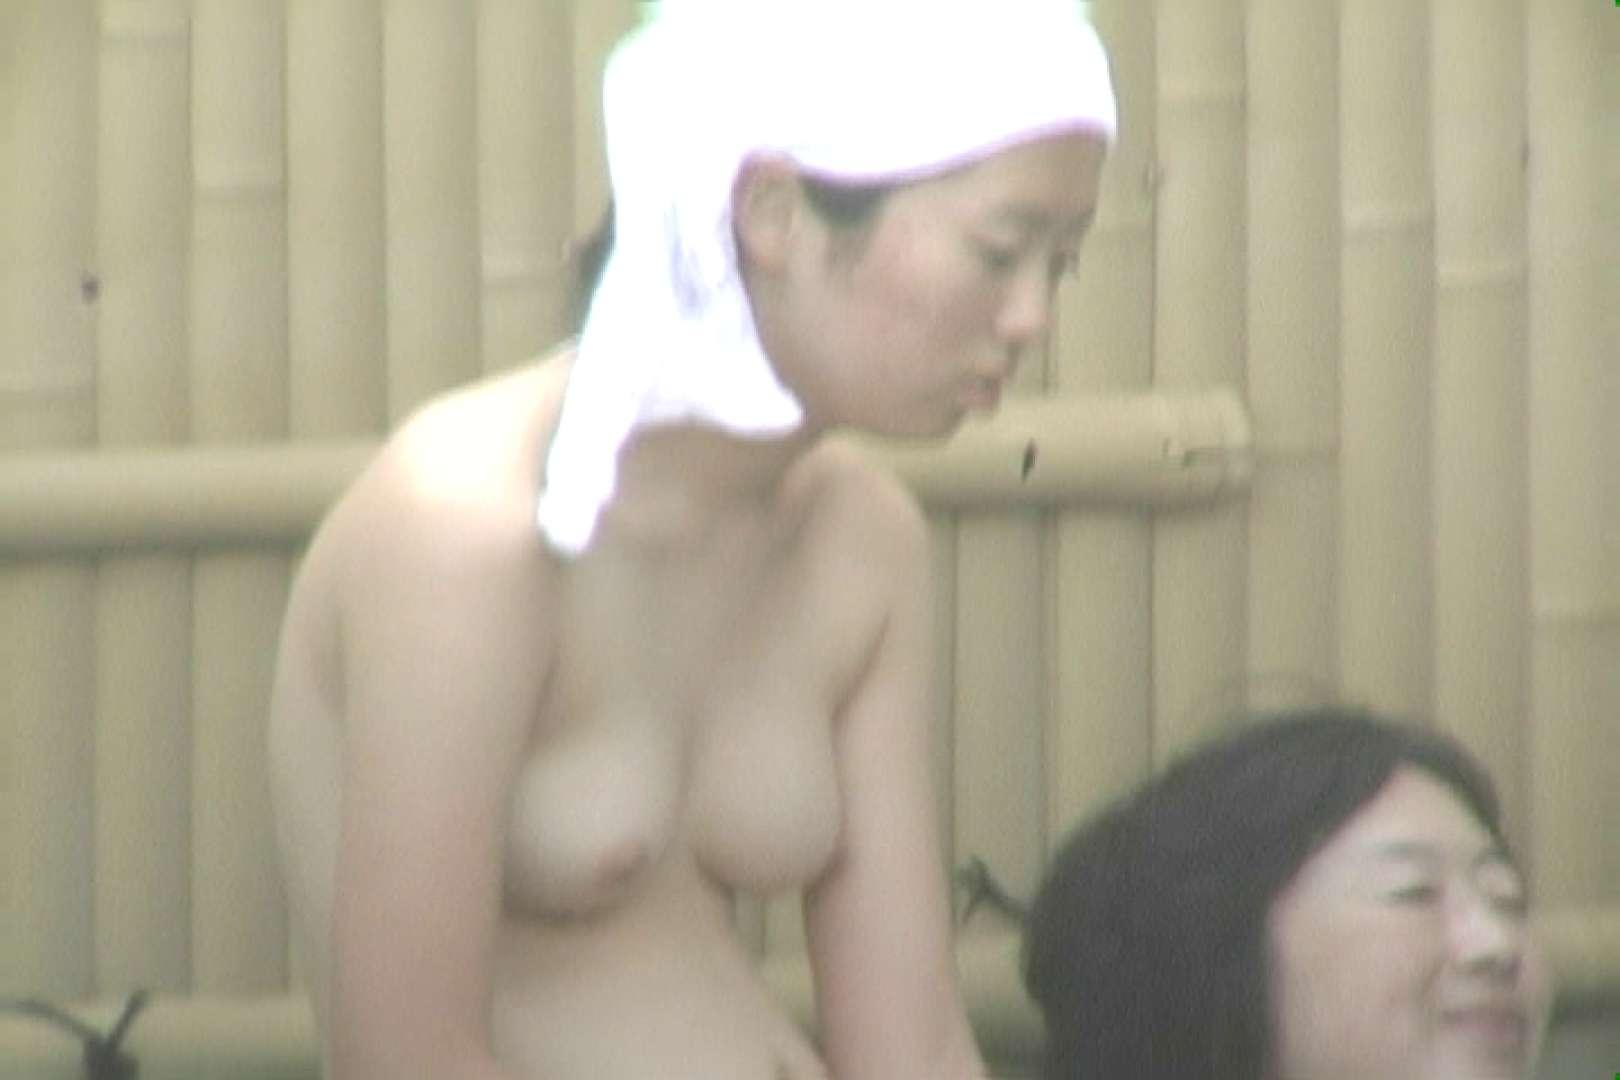 女露天風呂劇場 Vol.26 OLのボディ  109PIX 26